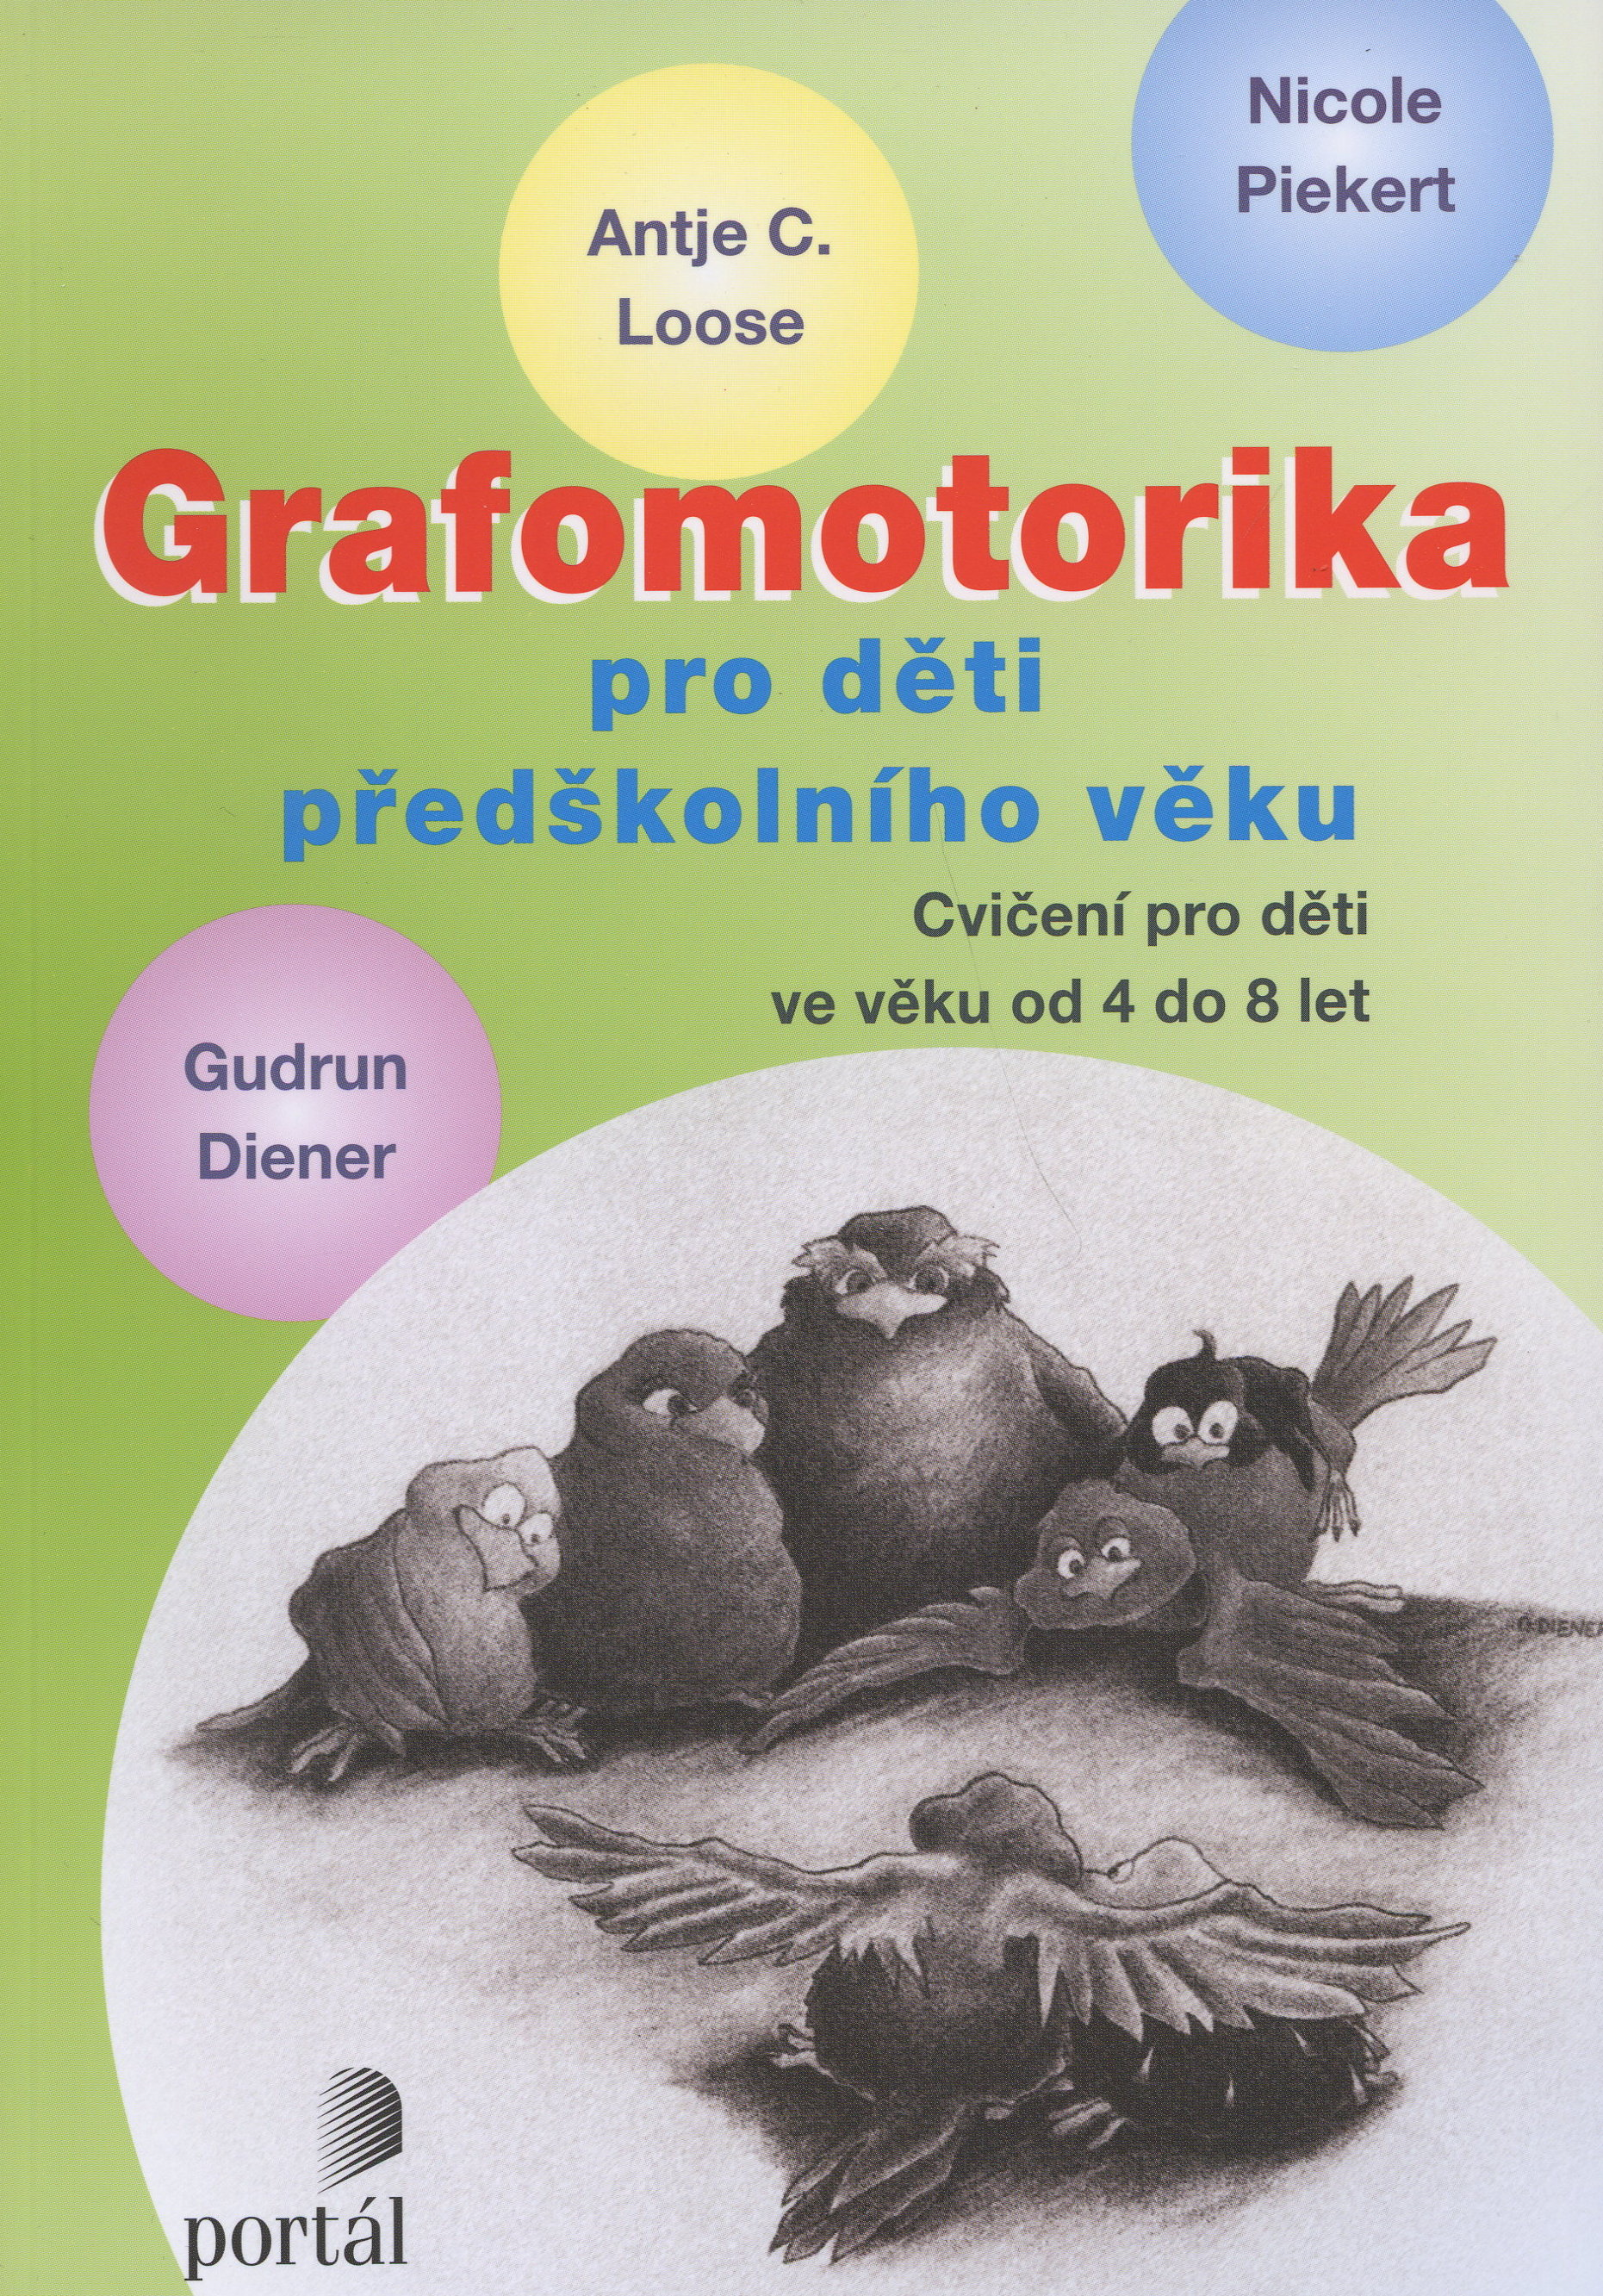 Grafomotorika pro děti předškolního věku - cvičení pro děti ve věku od 4 do 8 let